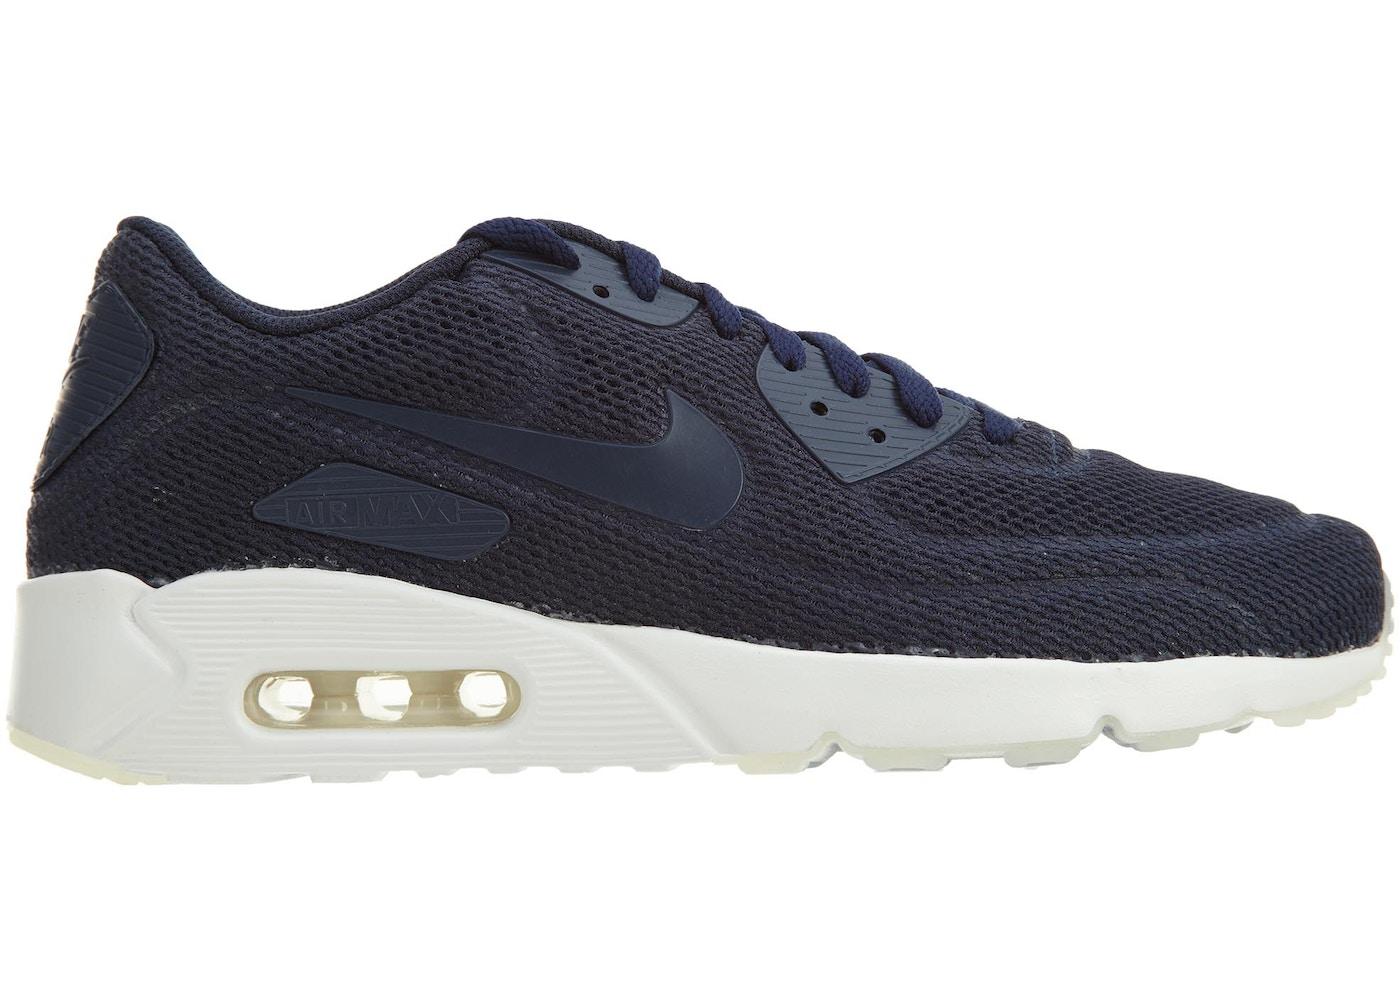 pas mal 05963 0e48f Nike Air Max 90 Ultra 2.0 Br Midnight Navy/Midnight Navy